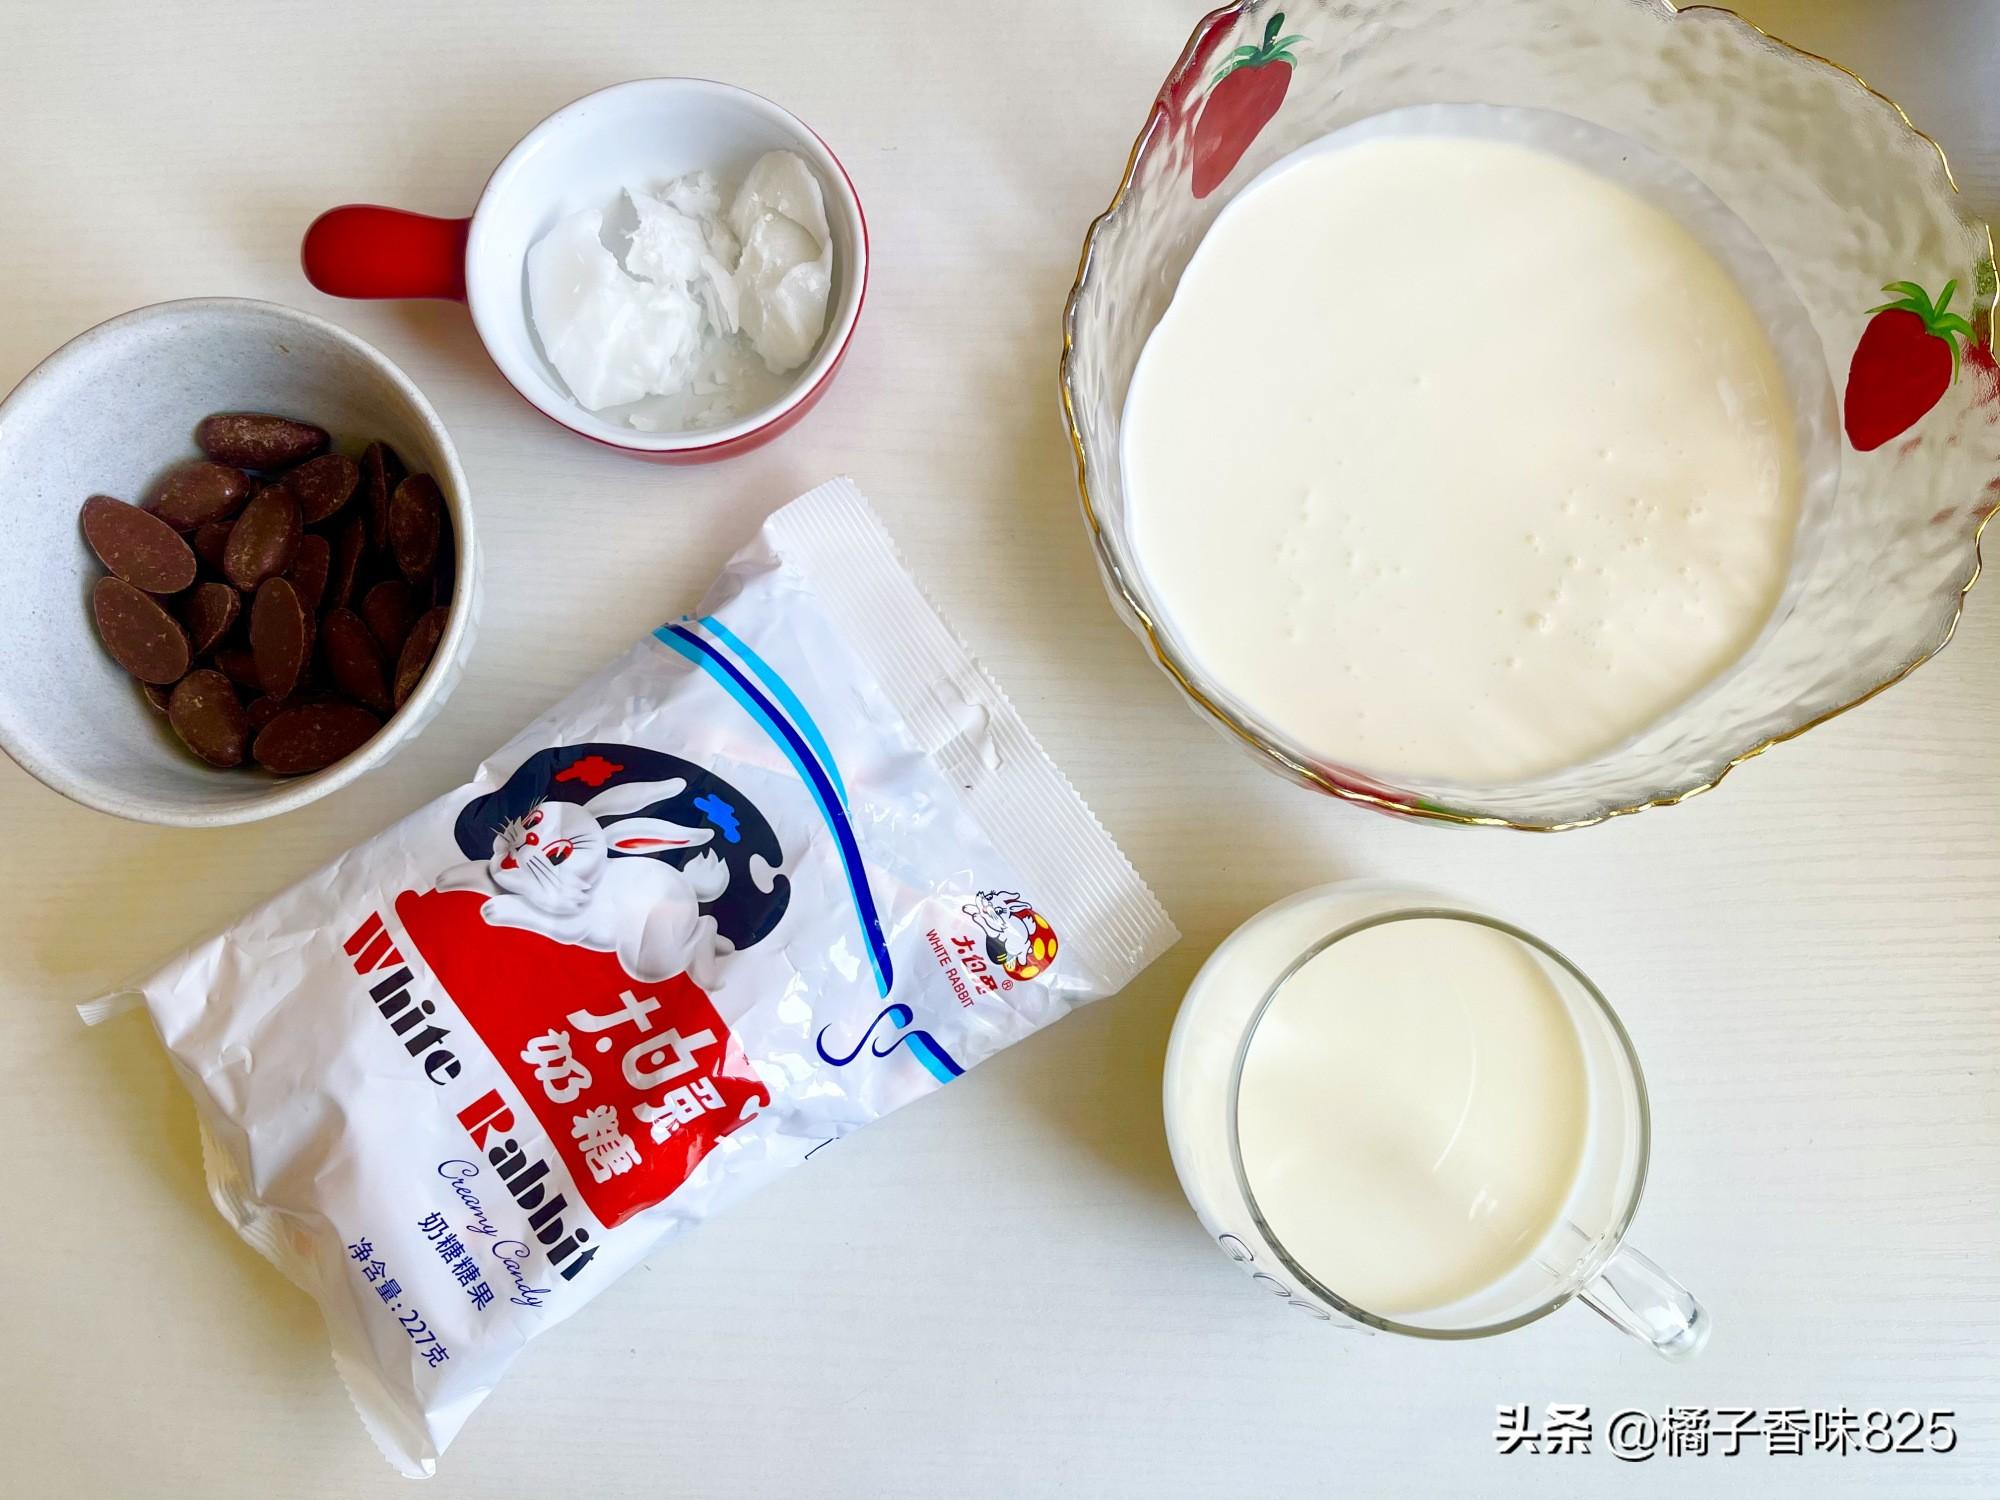 大白兔别再直接吃了,做成冰淇淋,细腻丝滑入口即化,做法超简单